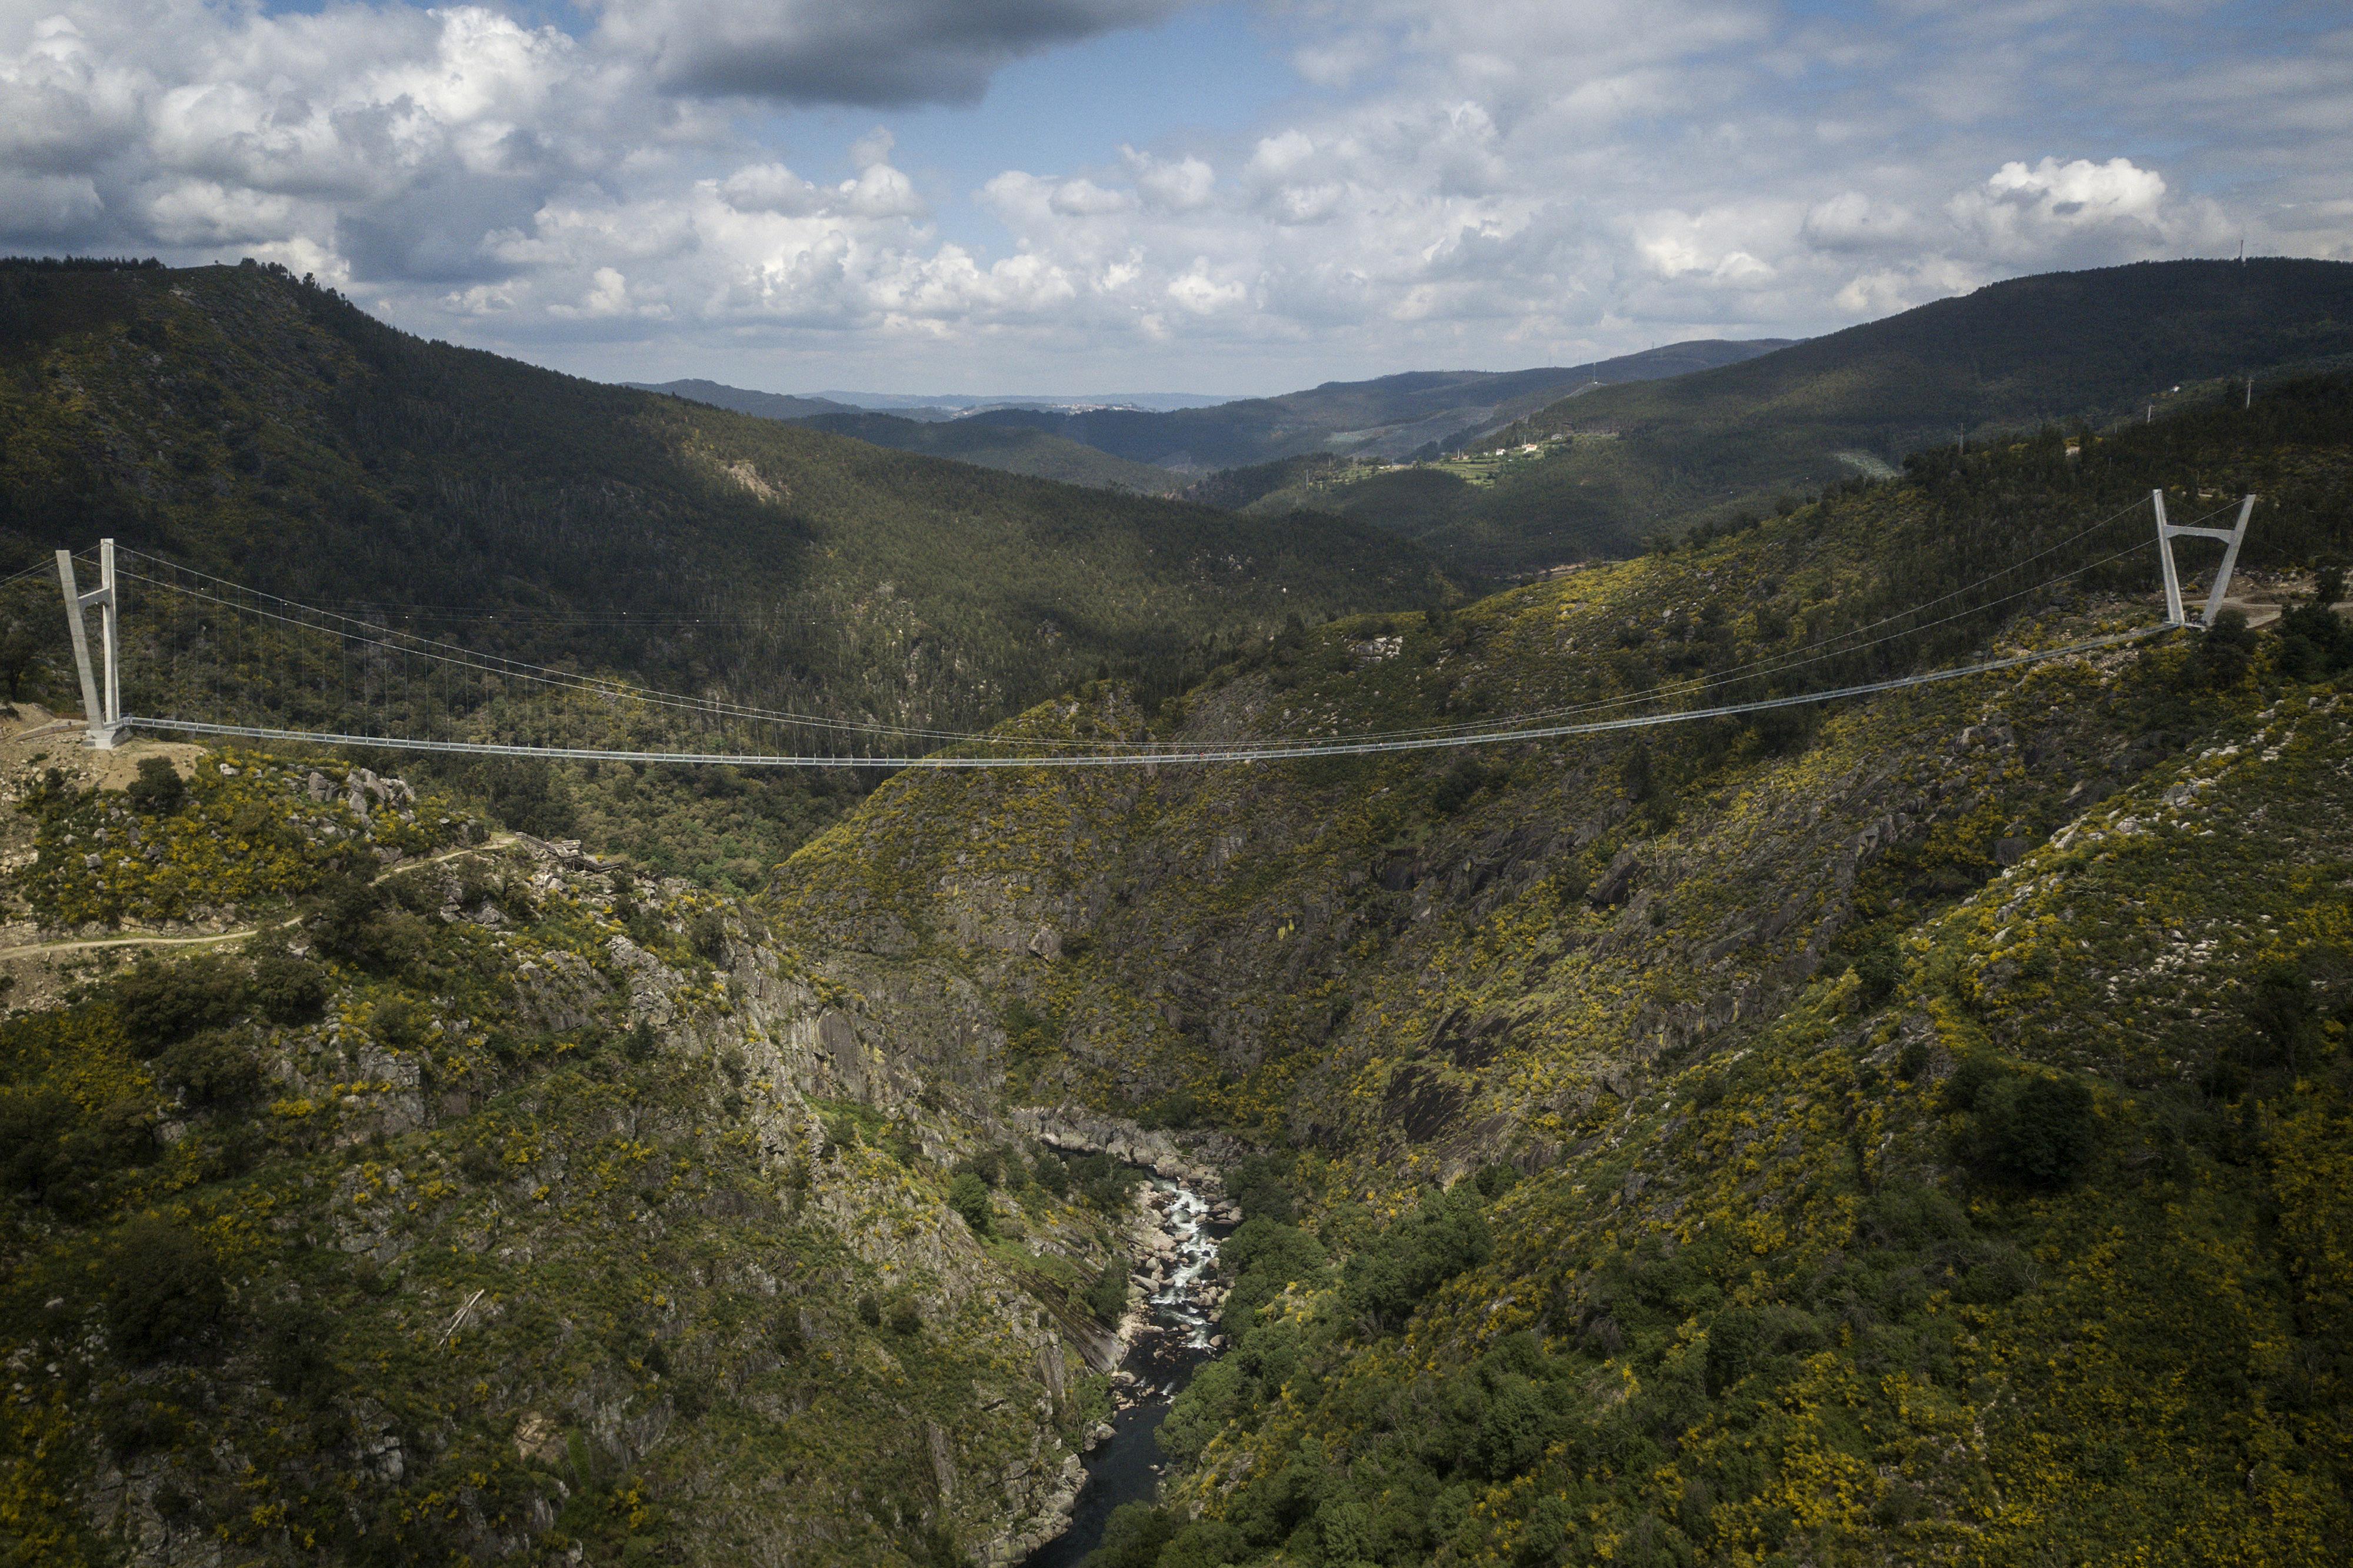 Portugáliában átadták a világ leghosszabb gyalogos függőhídját